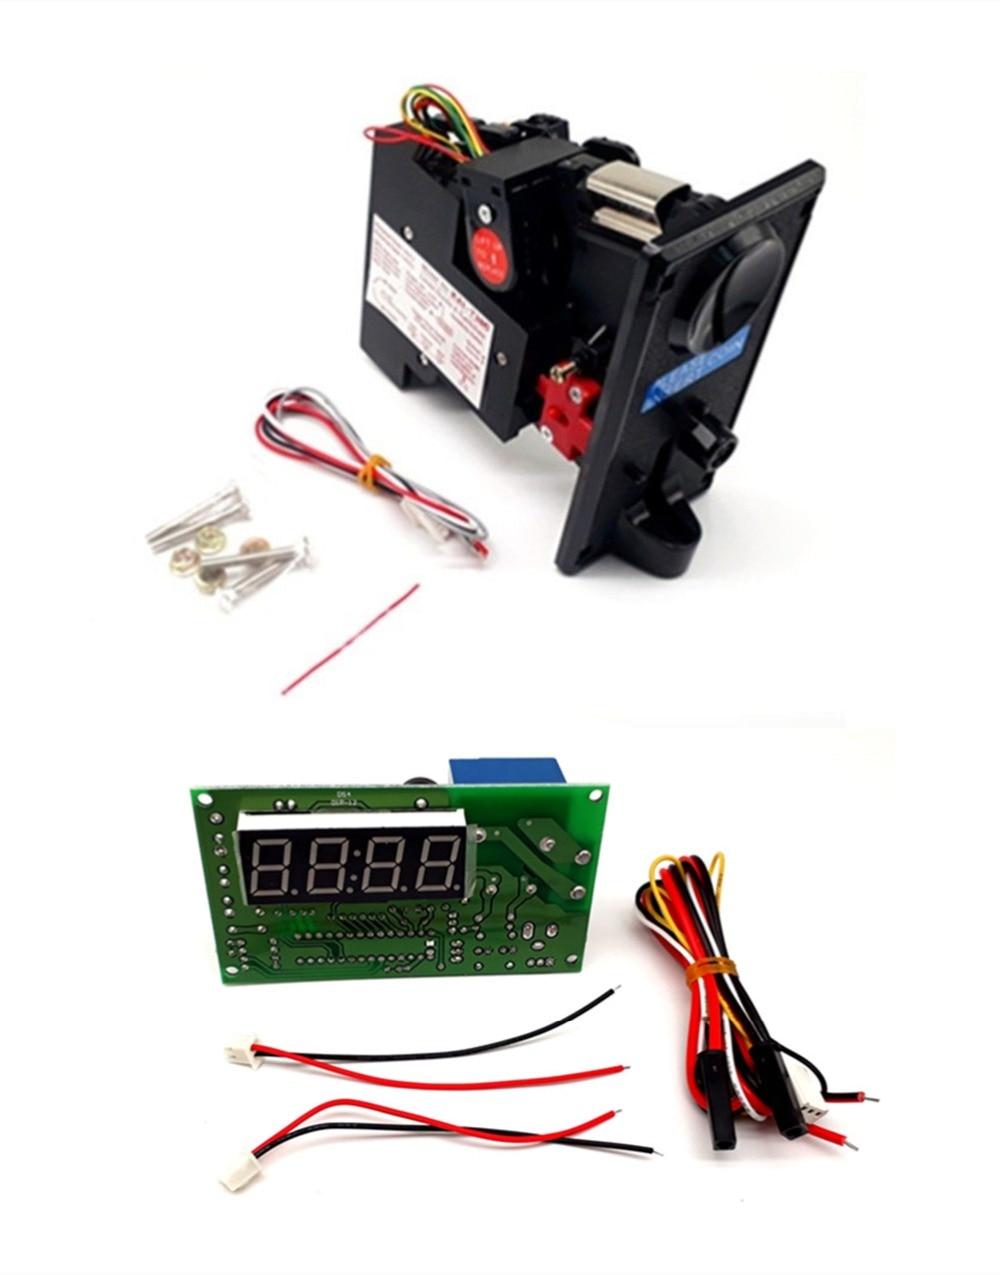 플라스틱 전면 플레이트 KAI-738 CPU 코 인식 JY-15A 4 시간 타이머 보드